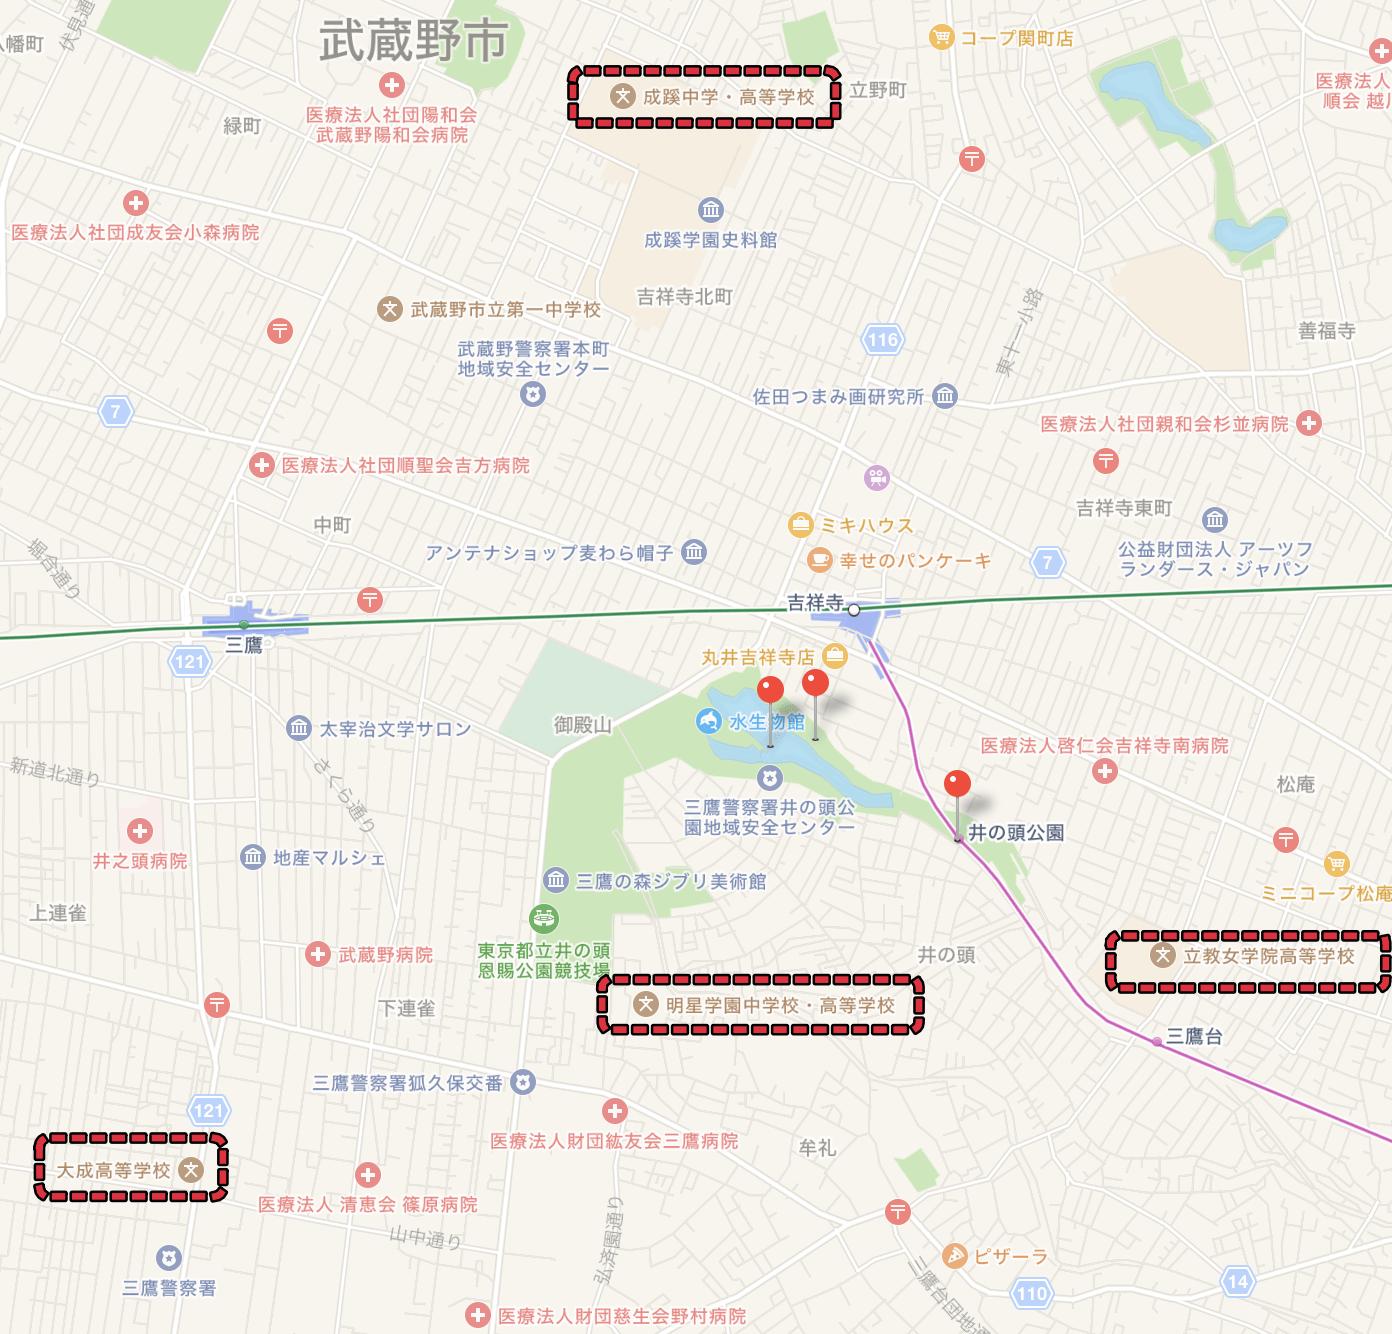 井の頭周辺MAP